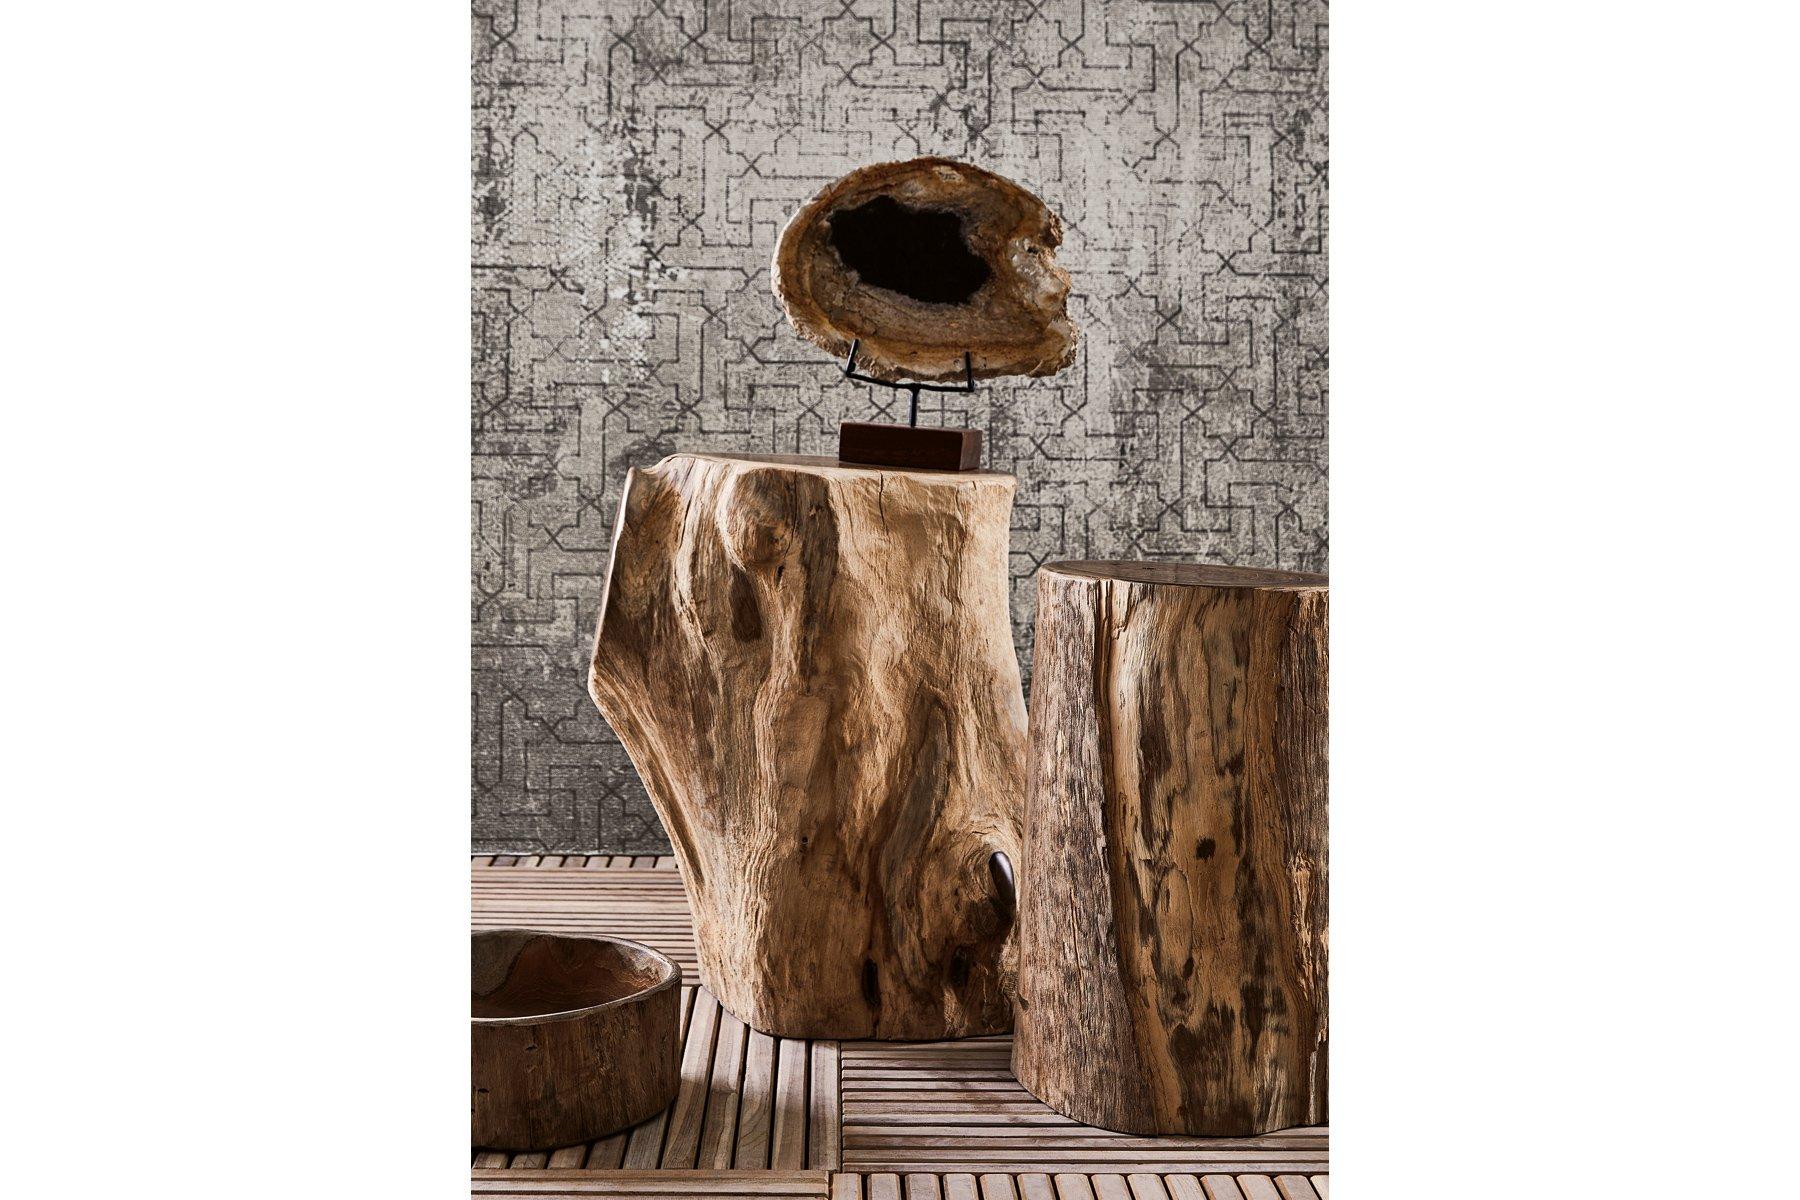 Visualizza dettagli: tronco sgabello grande il giardino di legno